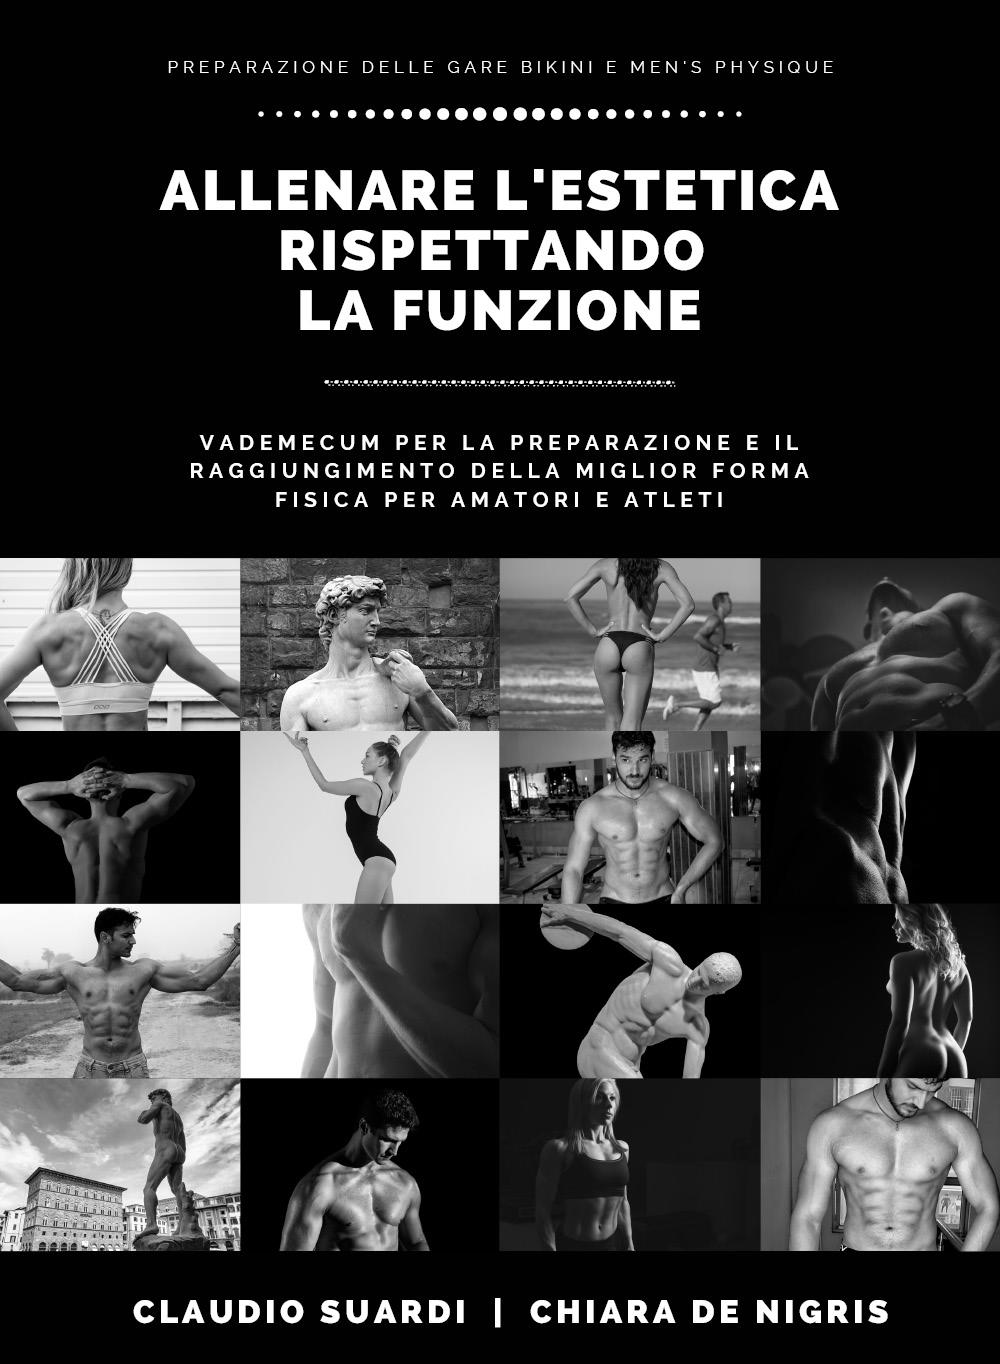 Allenare l'estetica rispettando la funzione vademecum per la preparazione e il raggiungimento della miglior forma fisica per amatori e atleti